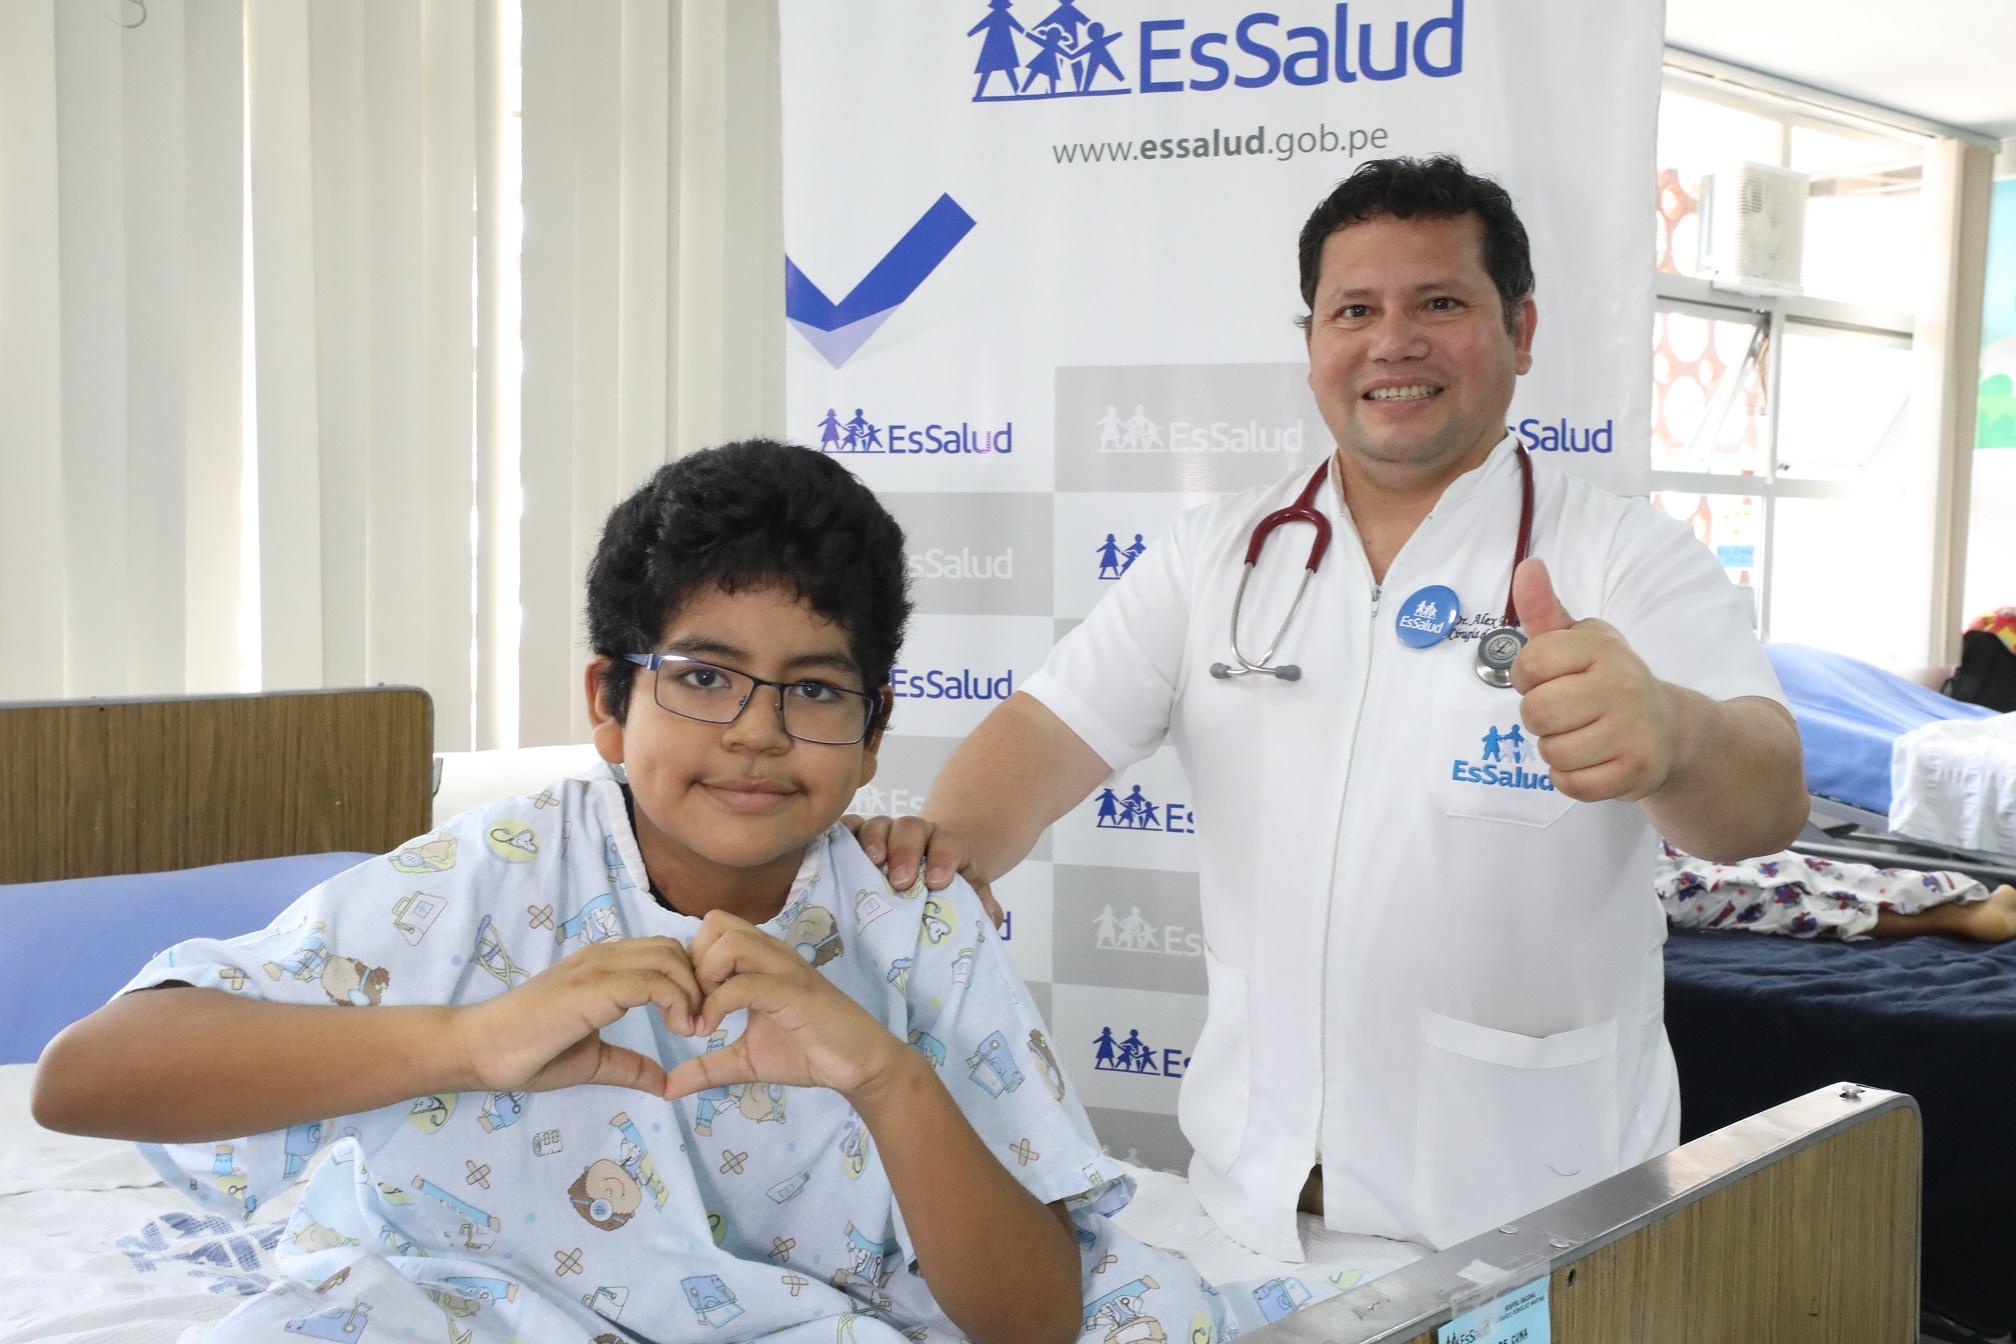 Essalud - Médicos de EsSalud realizan compleja cirugía a corazón abierto para extraer tumor y salvar vida de niño